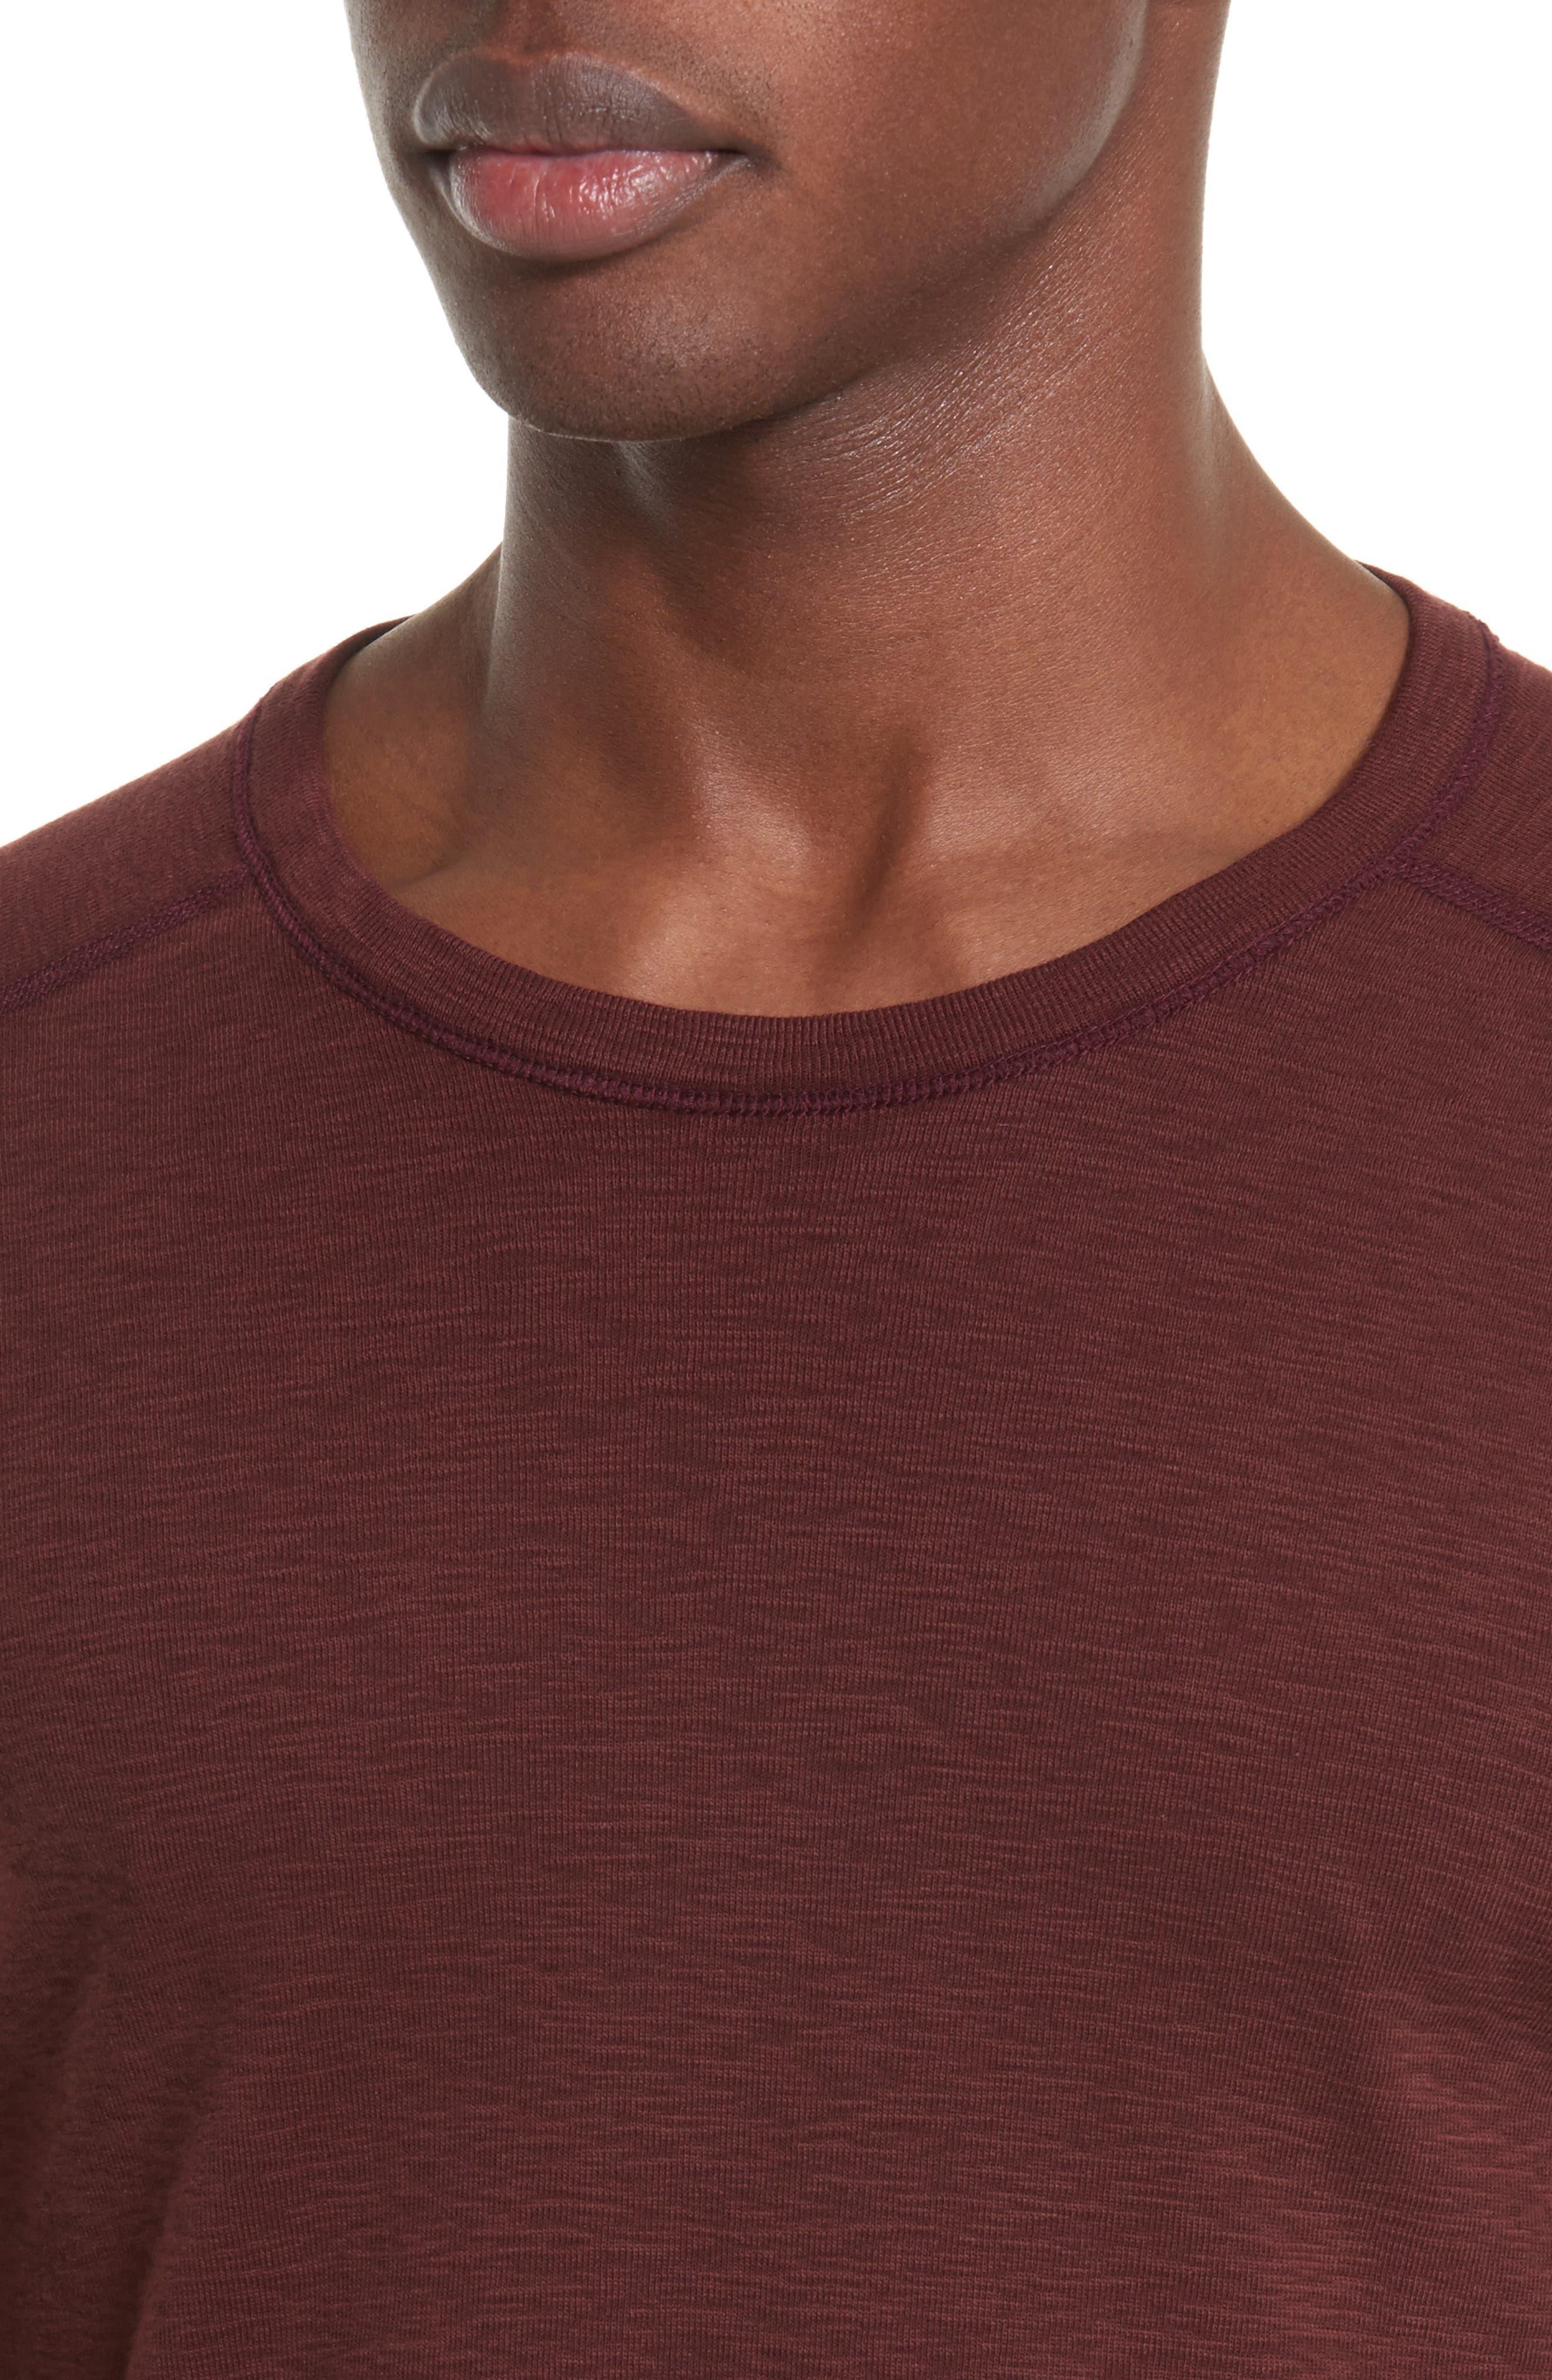 Ribbed Slub Cotton T-Shirt,                             Alternate thumbnail 4, color,                             OXBLOOD